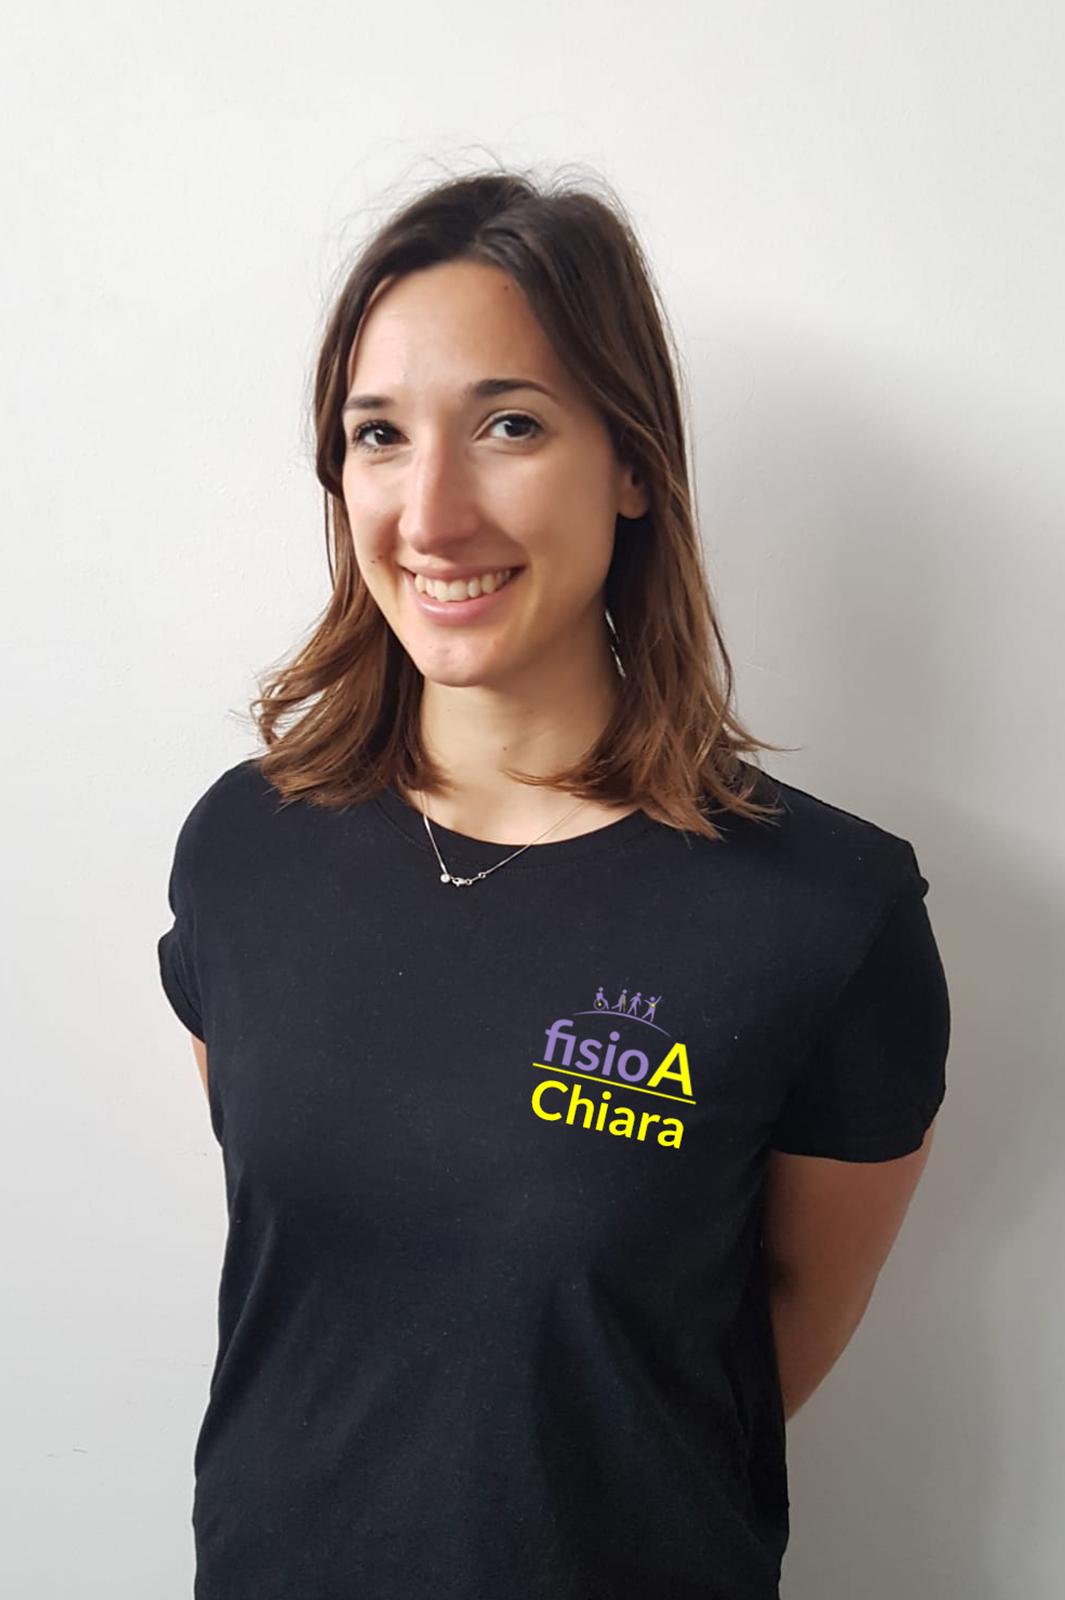 Chiara Pinzi Pilates